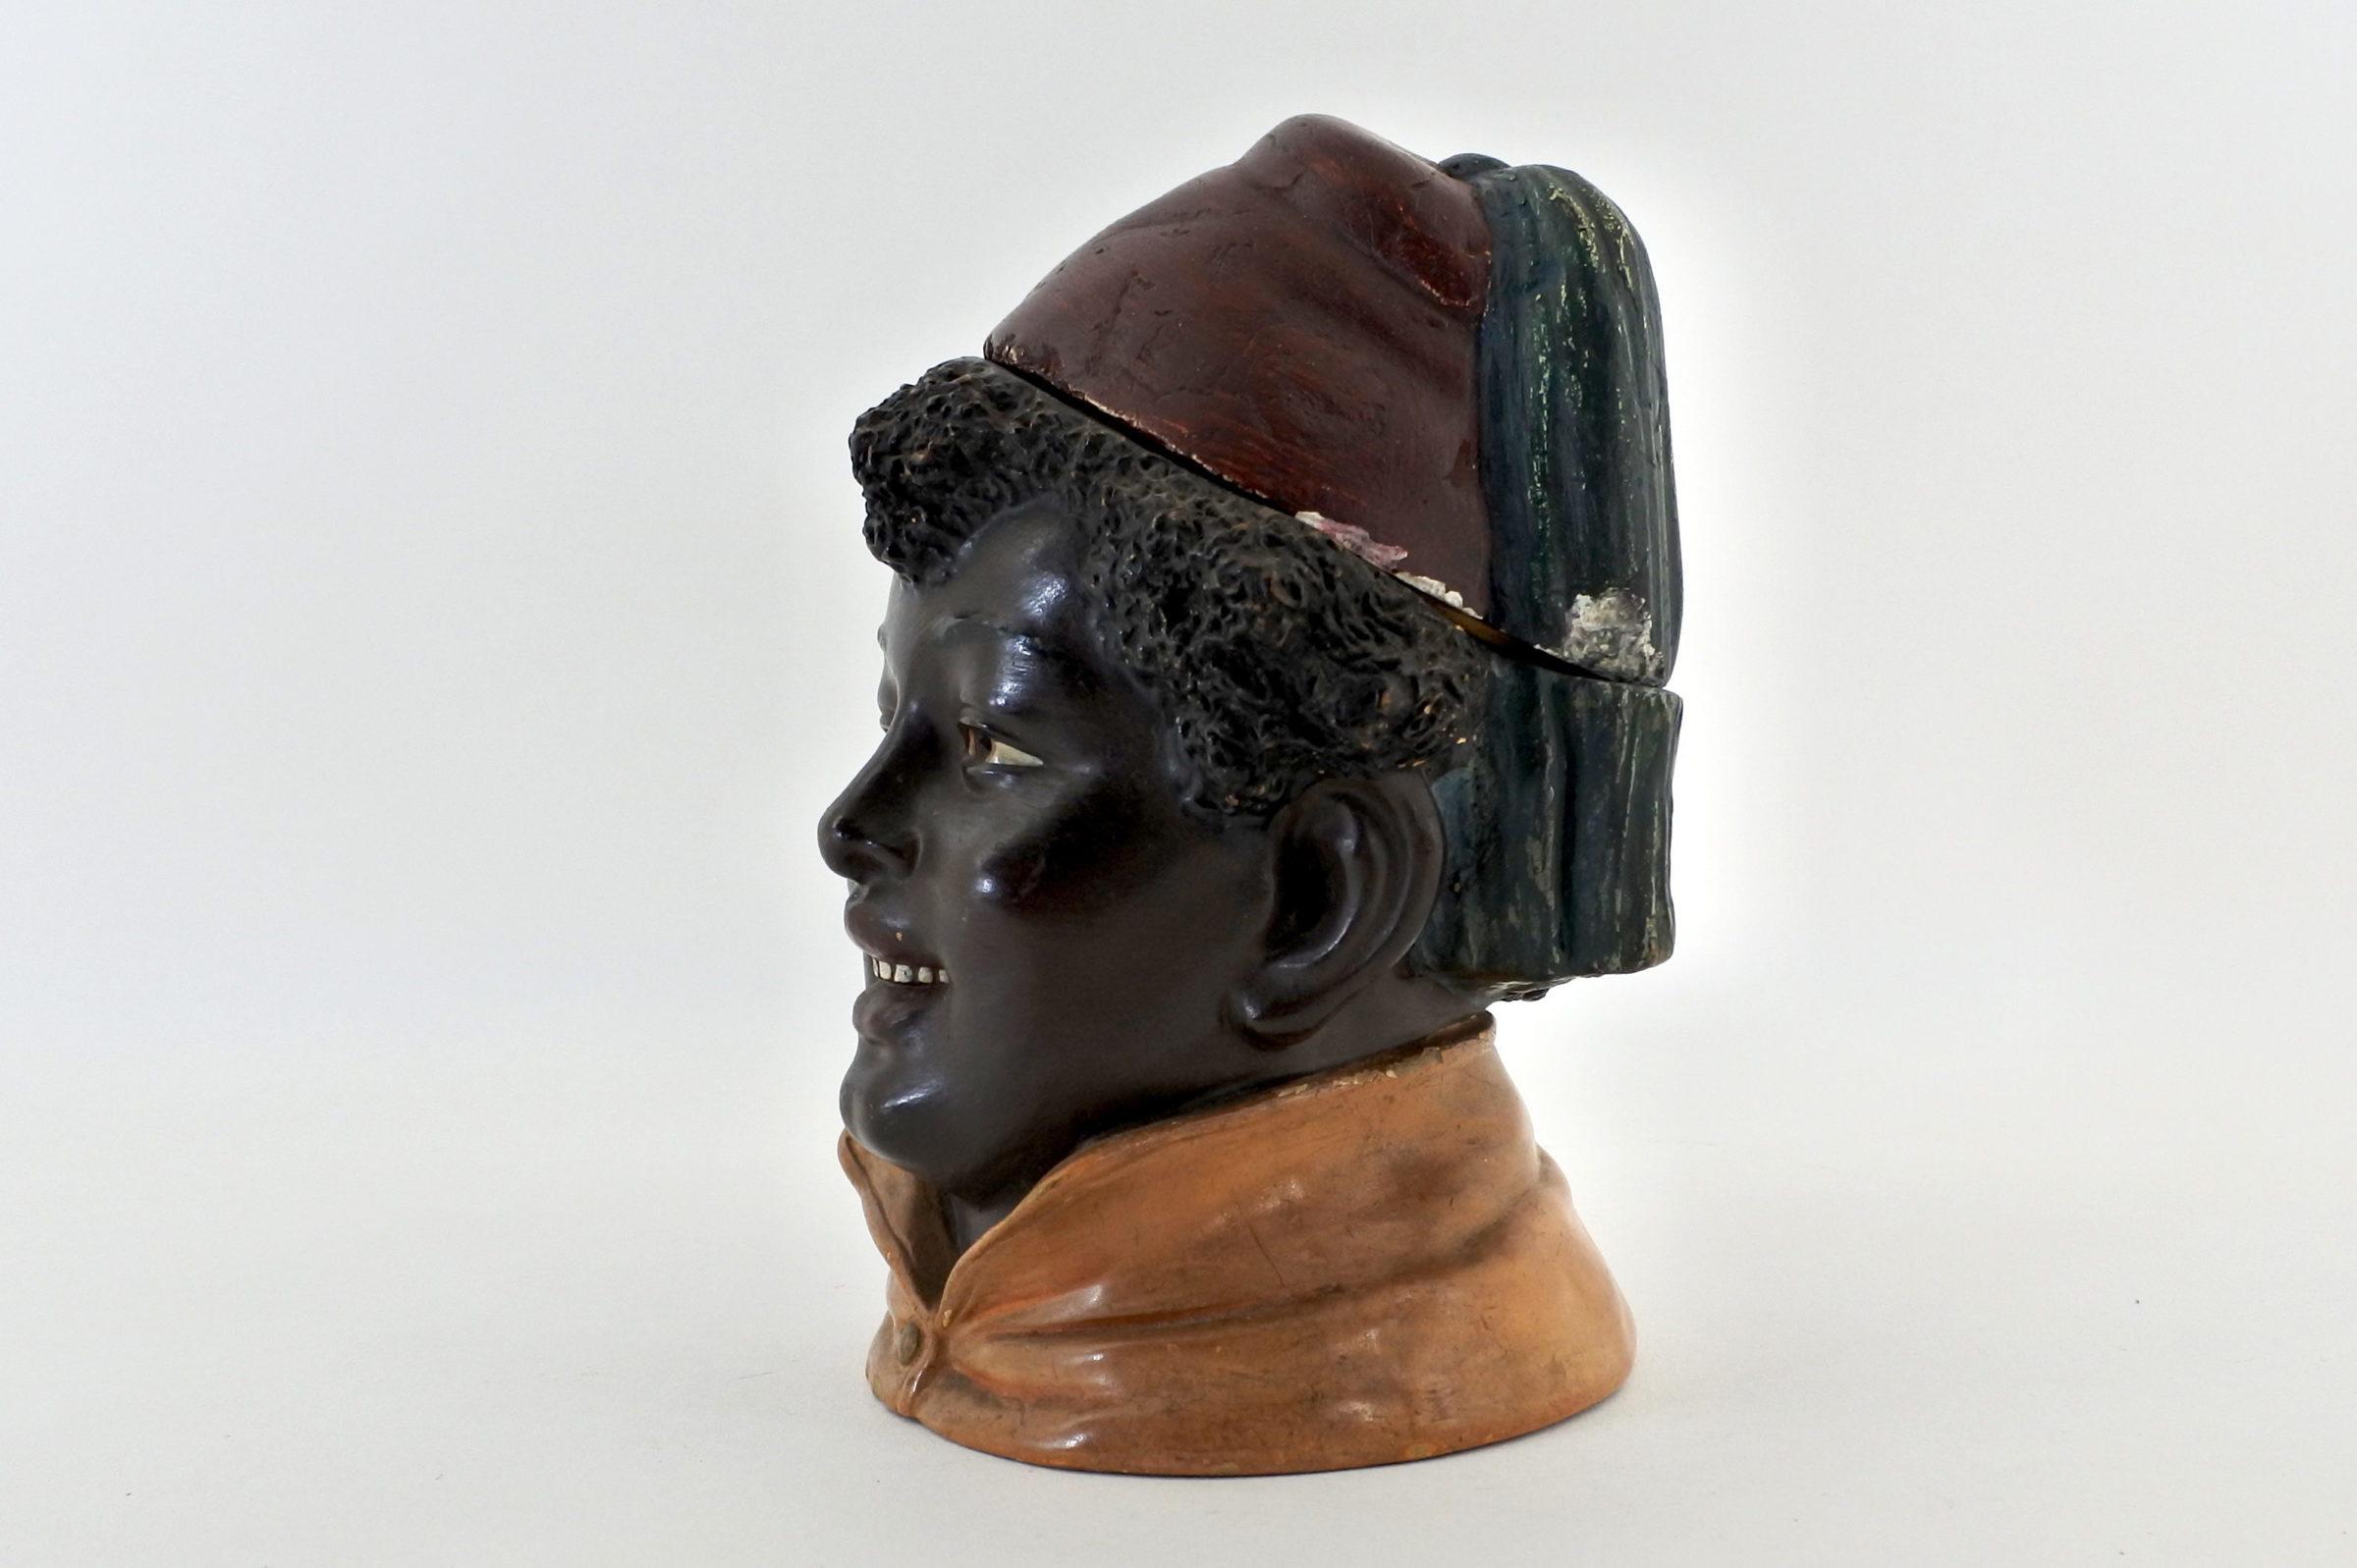 Portatabacco in ceramica rappresentante negretto con fez - 2